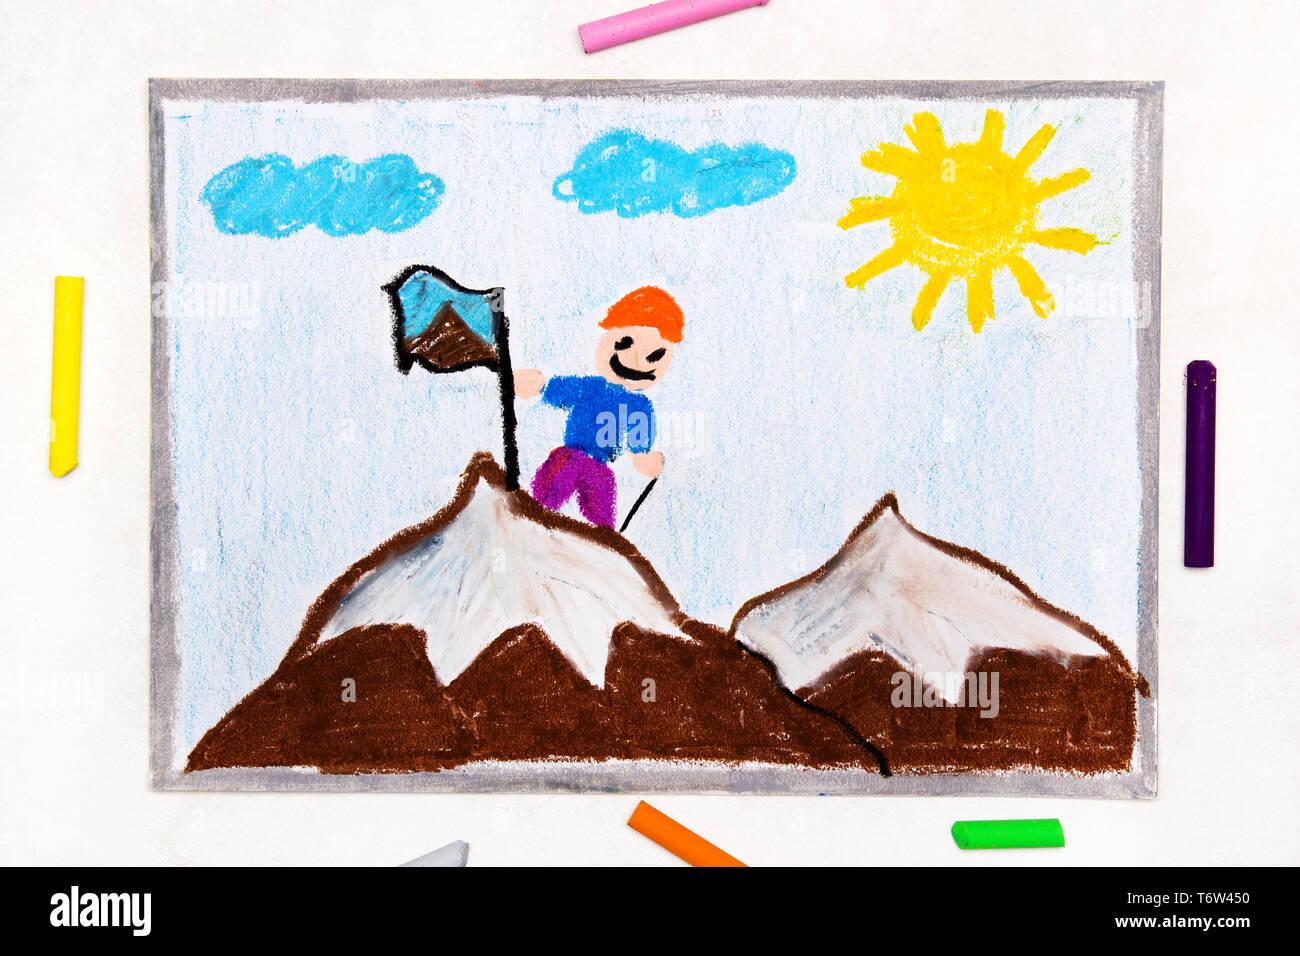 Disegno Colorato Per Raggiungere La Vetta Di Una Montagna